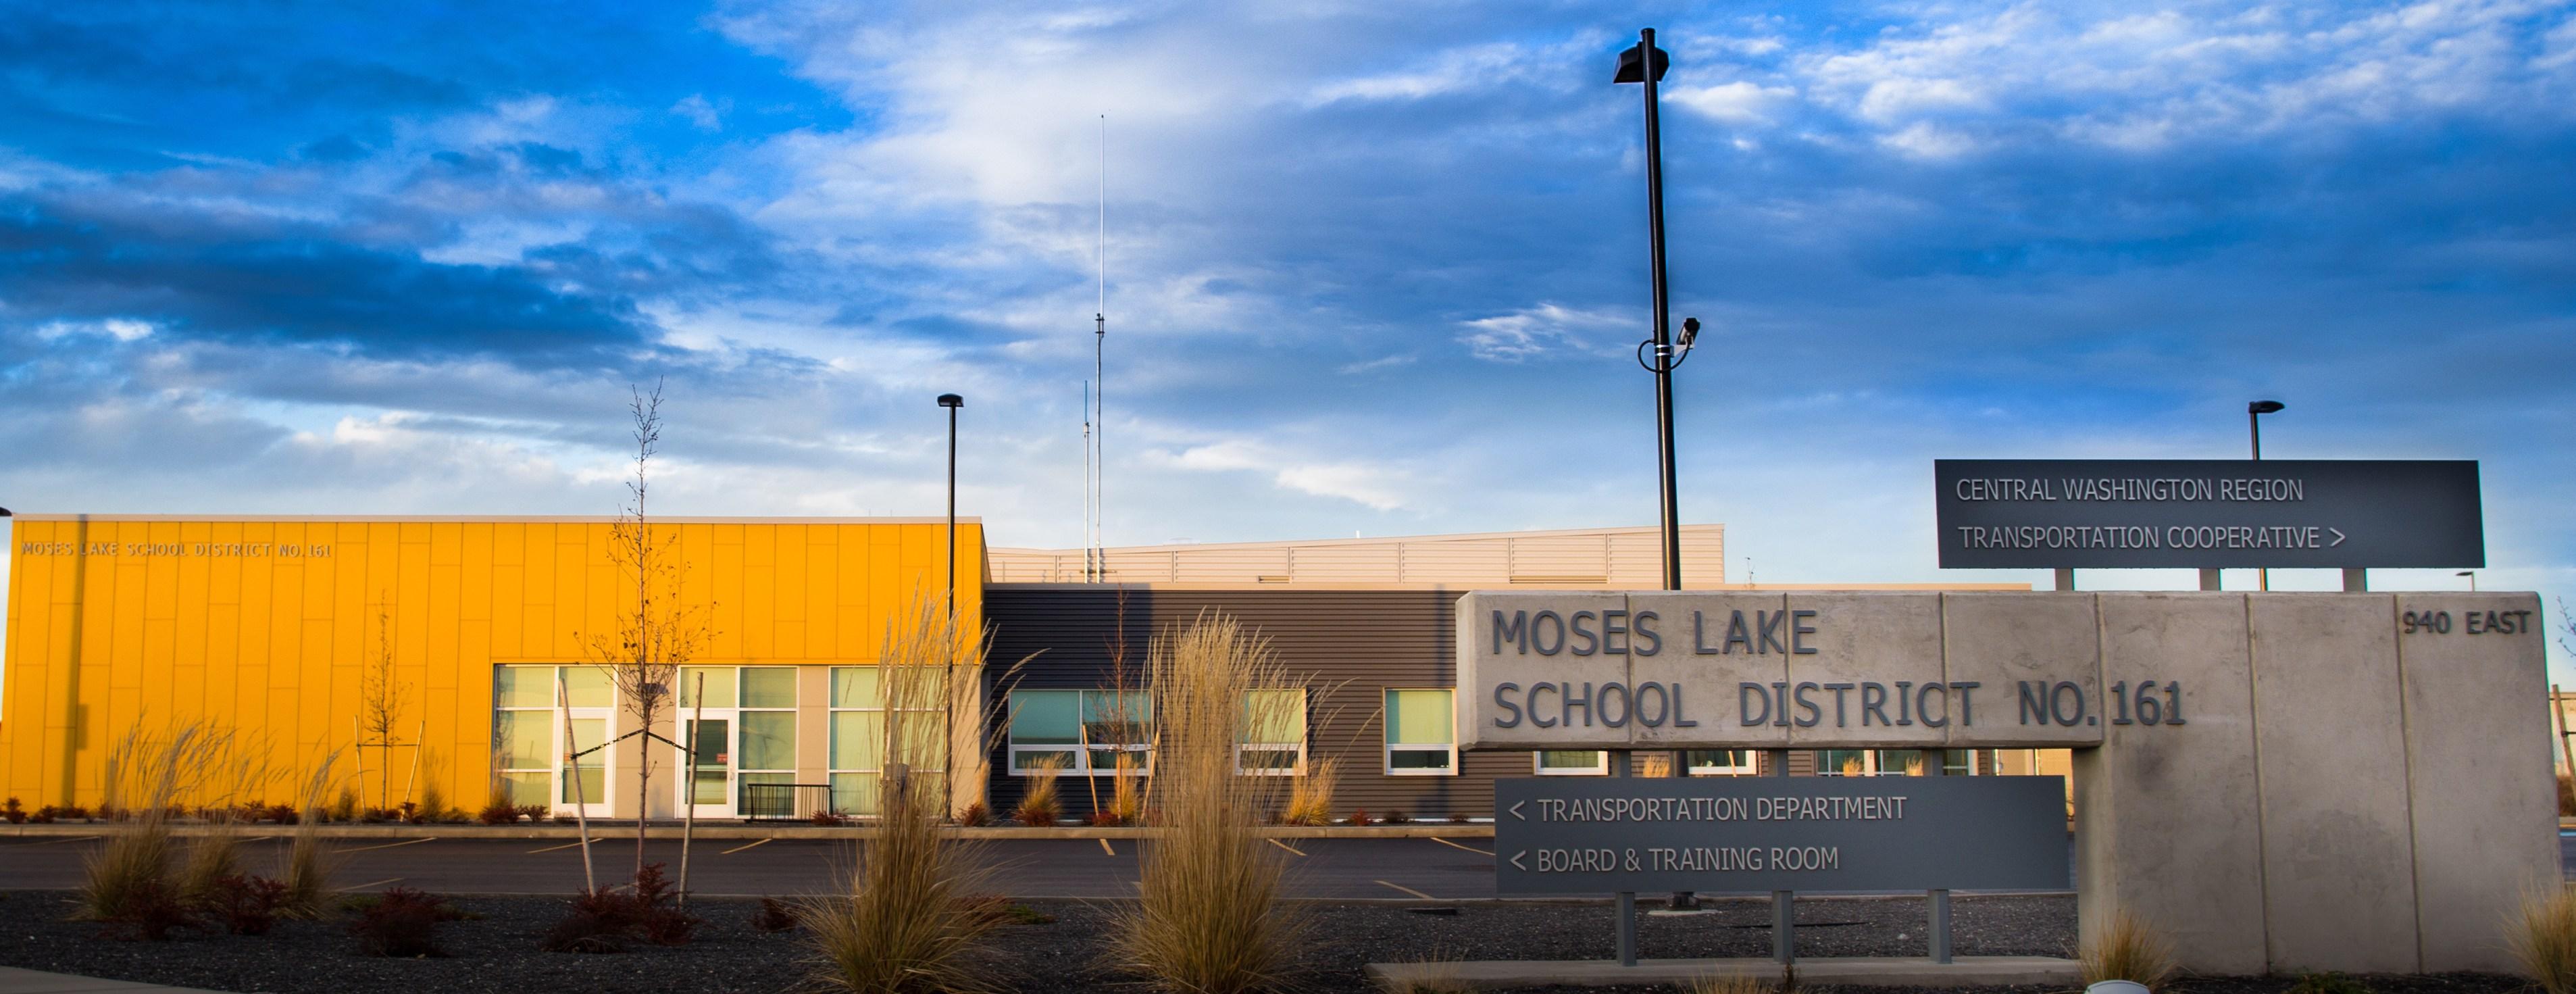 MLSD Transportation building/School Board room